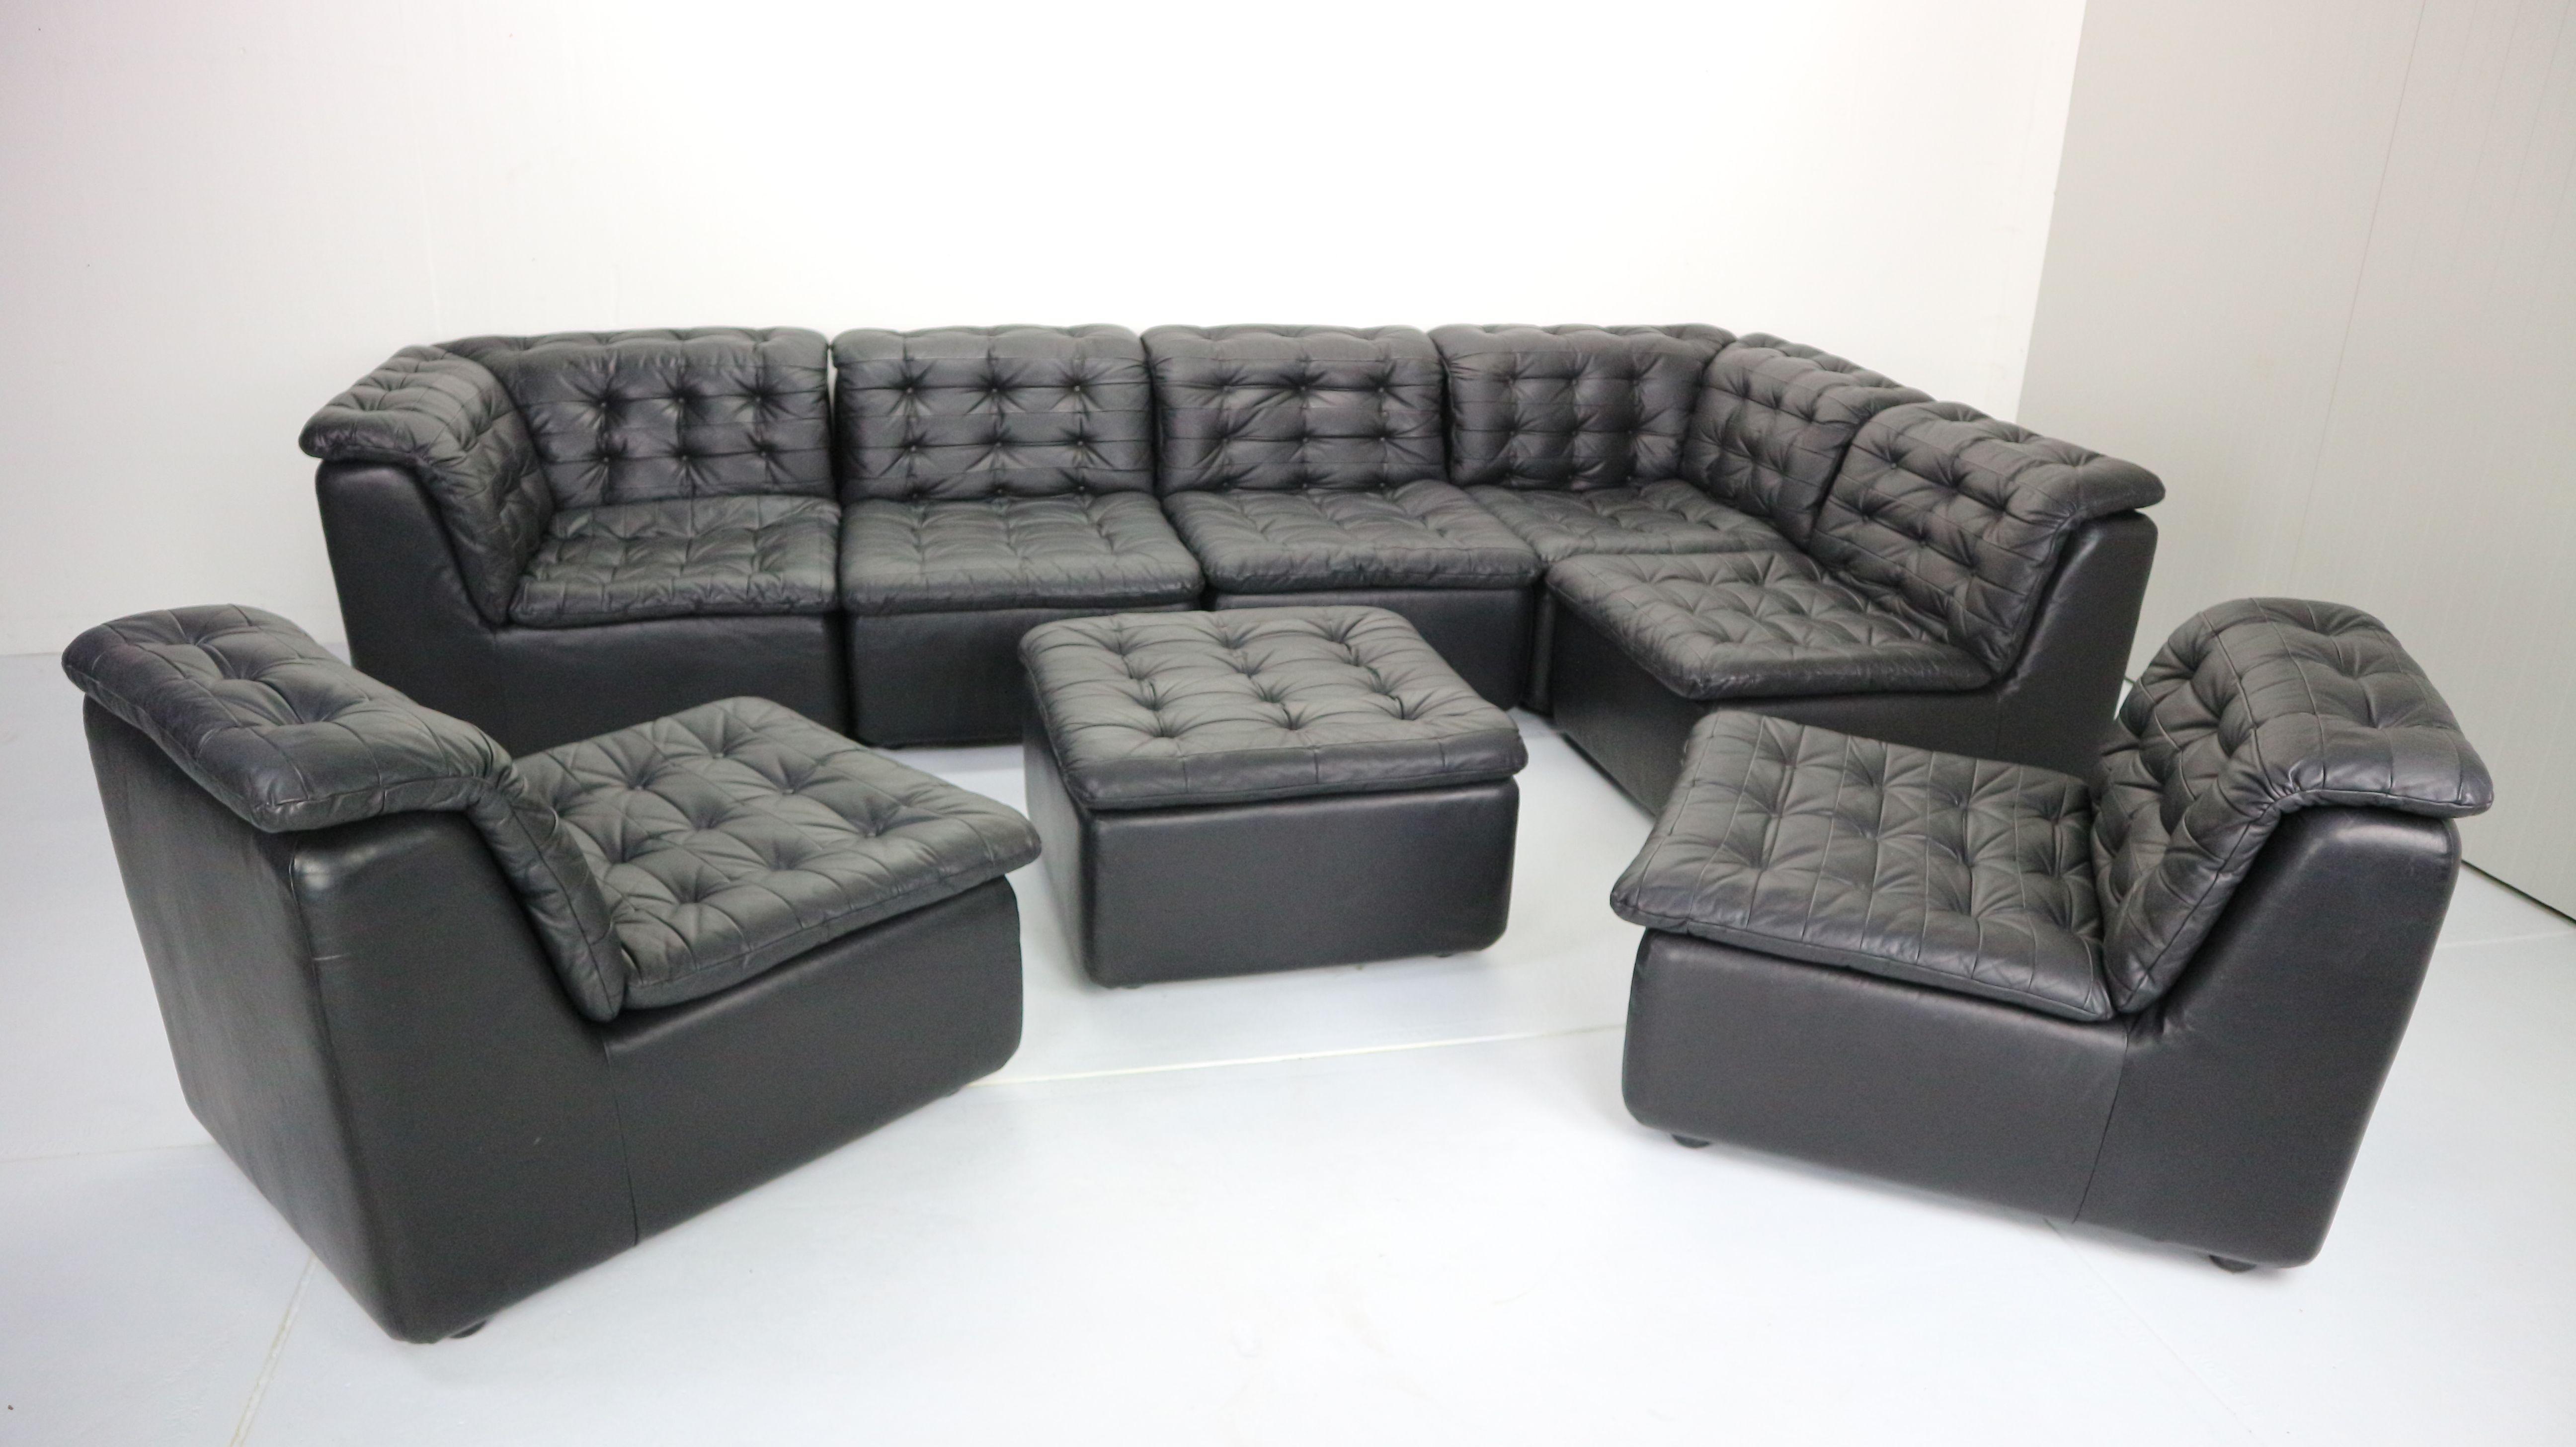 Vintage german black leather sofa 1970 - Design Market